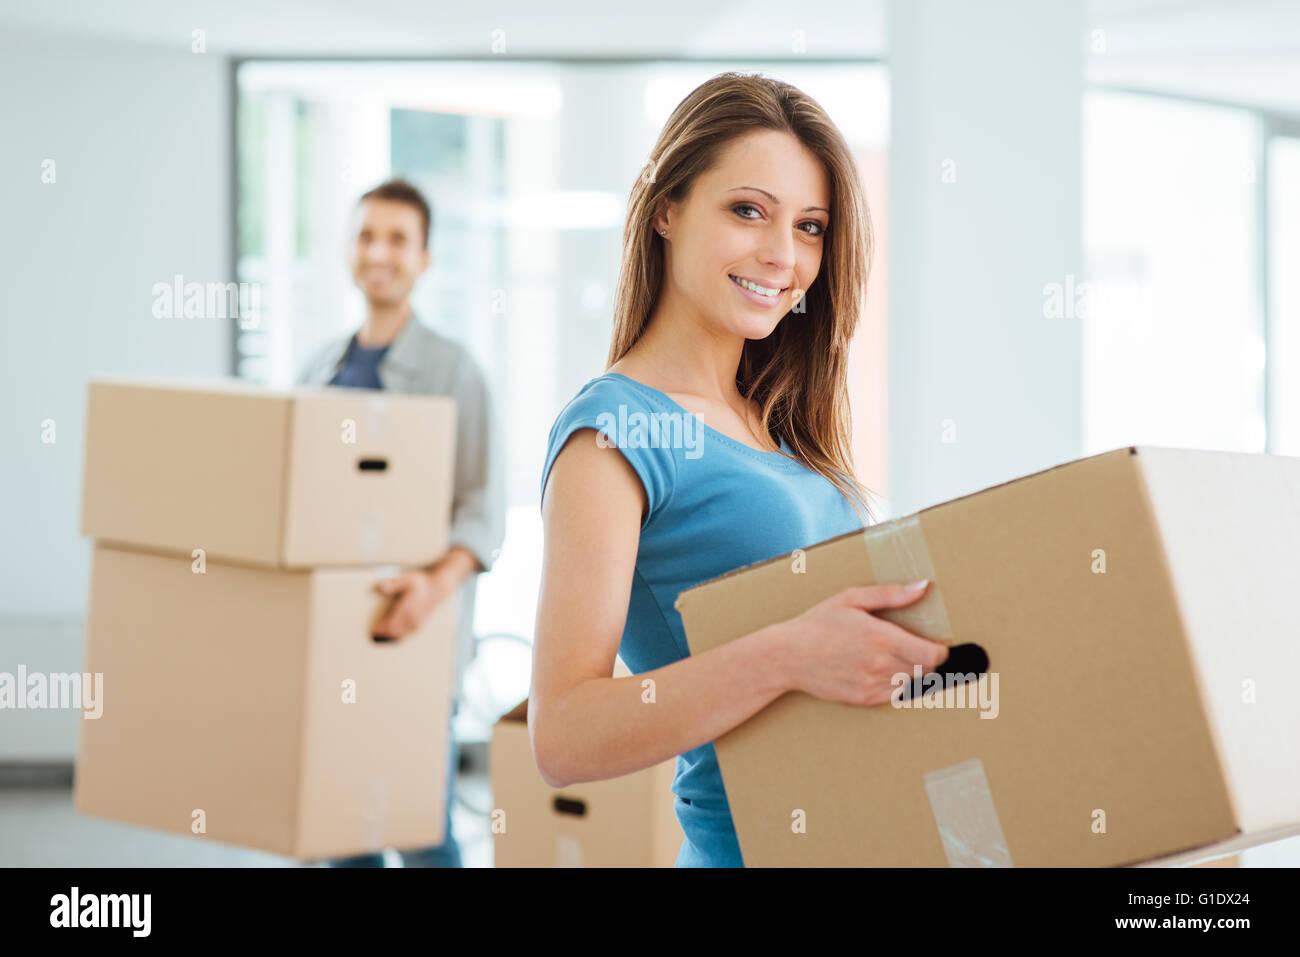 Sorridenti giovane che si muove in una nuova casa e il trasporto di scatole di cartone, delocalizzazioni e concetto Immagini Stock